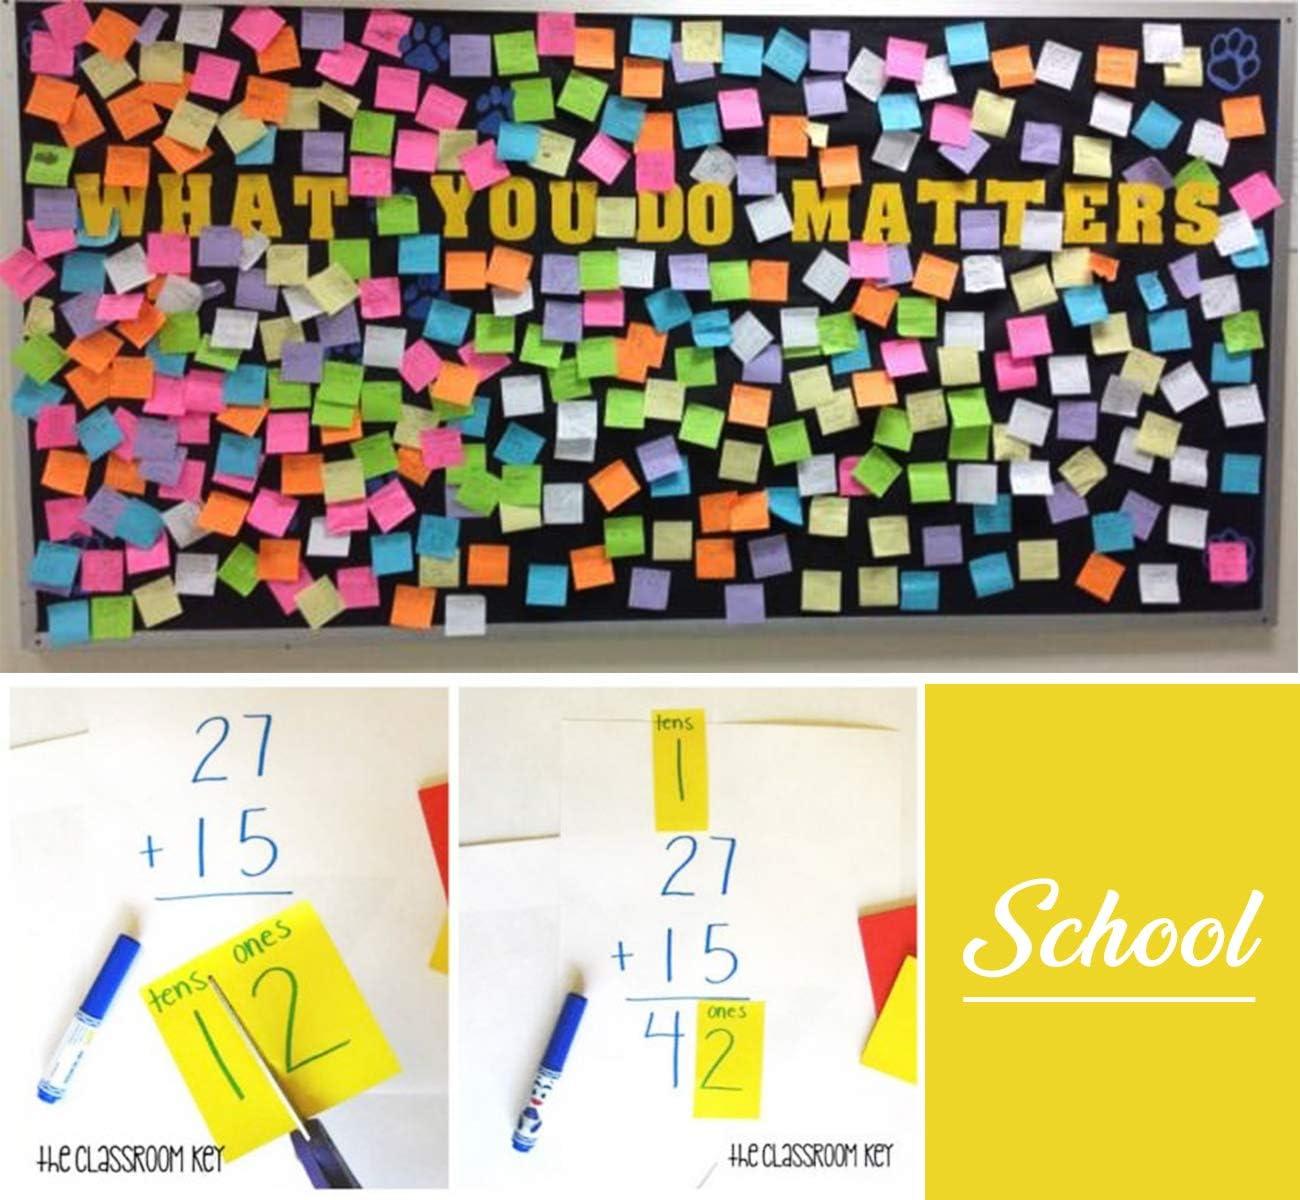 Spa/ß geformte bunte selbstklebende Notizbl/öcke f/ür Kinder M/ädchen in der Schule und zu Hause Packung mit 6 Bl/öcken, 270 Blatt Haftnotizen Lustig Set